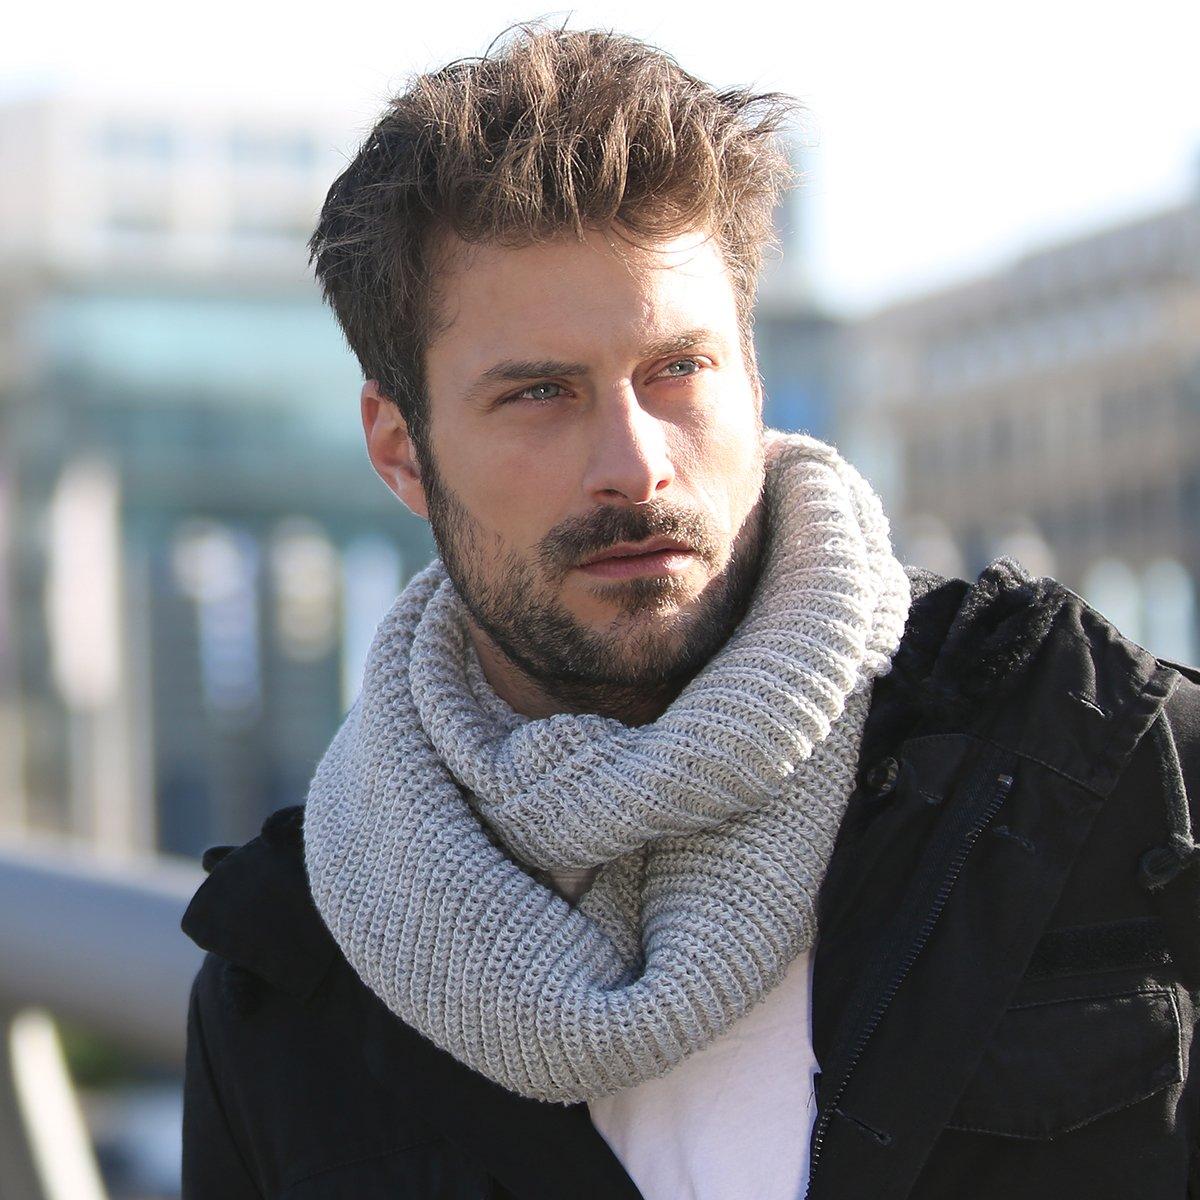 Come abbinare una sciarpa uomo